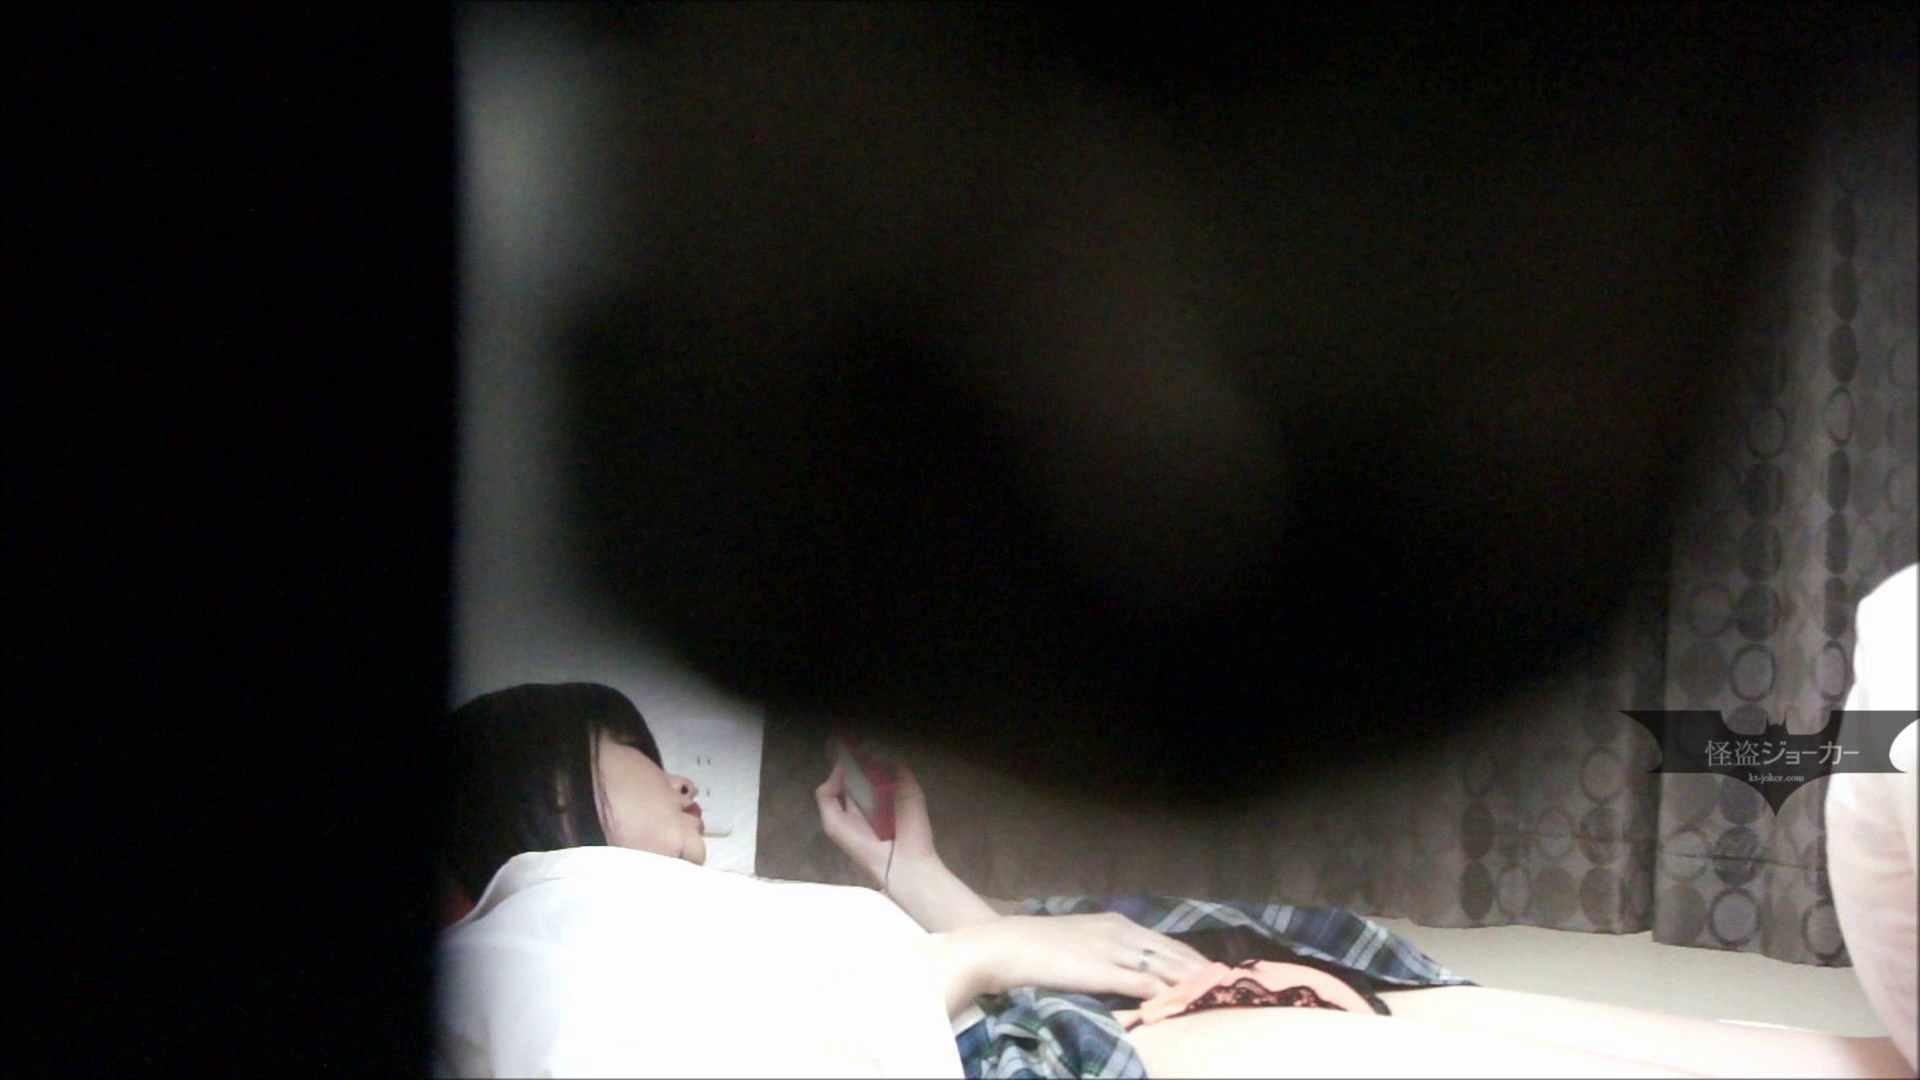 【未公開】vol.54【小春】脱衣所とオナニー隠し撮り 脱衣所 | OL女体  48連発 19